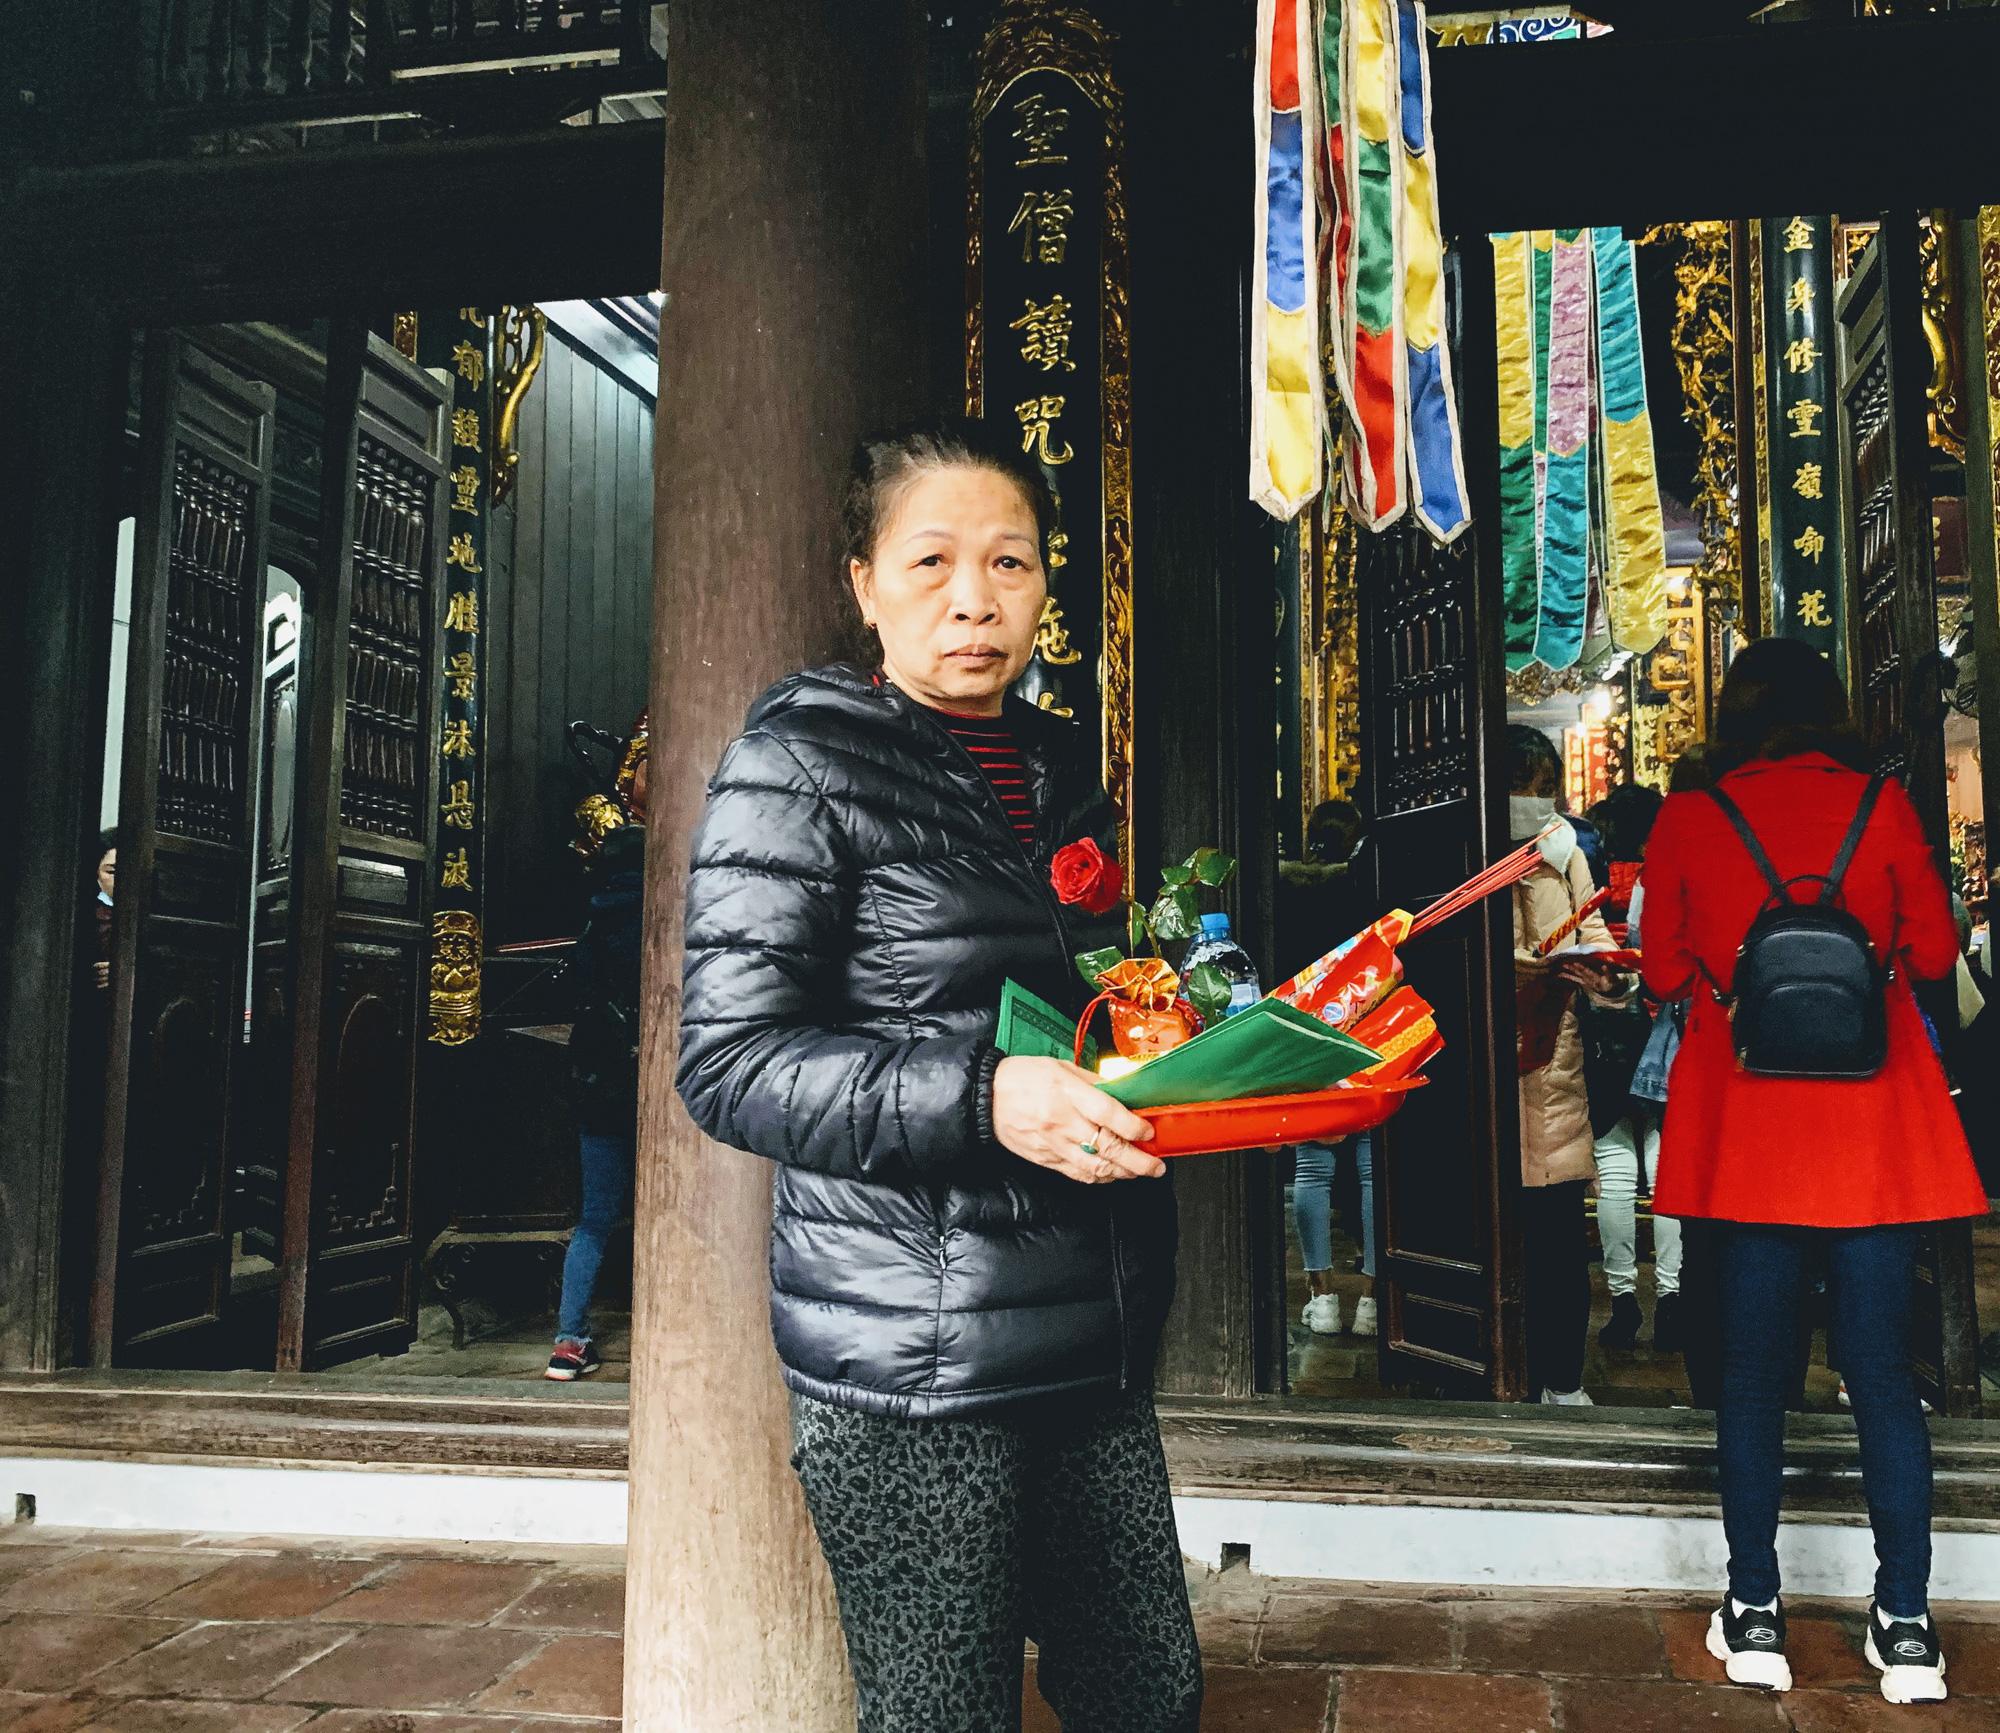 Rằm tháng Giêng, hàng quán ven đền chùa ế ẩm, người bán than trời: Chưa năm nào vắng như năm nay - Ảnh 5.